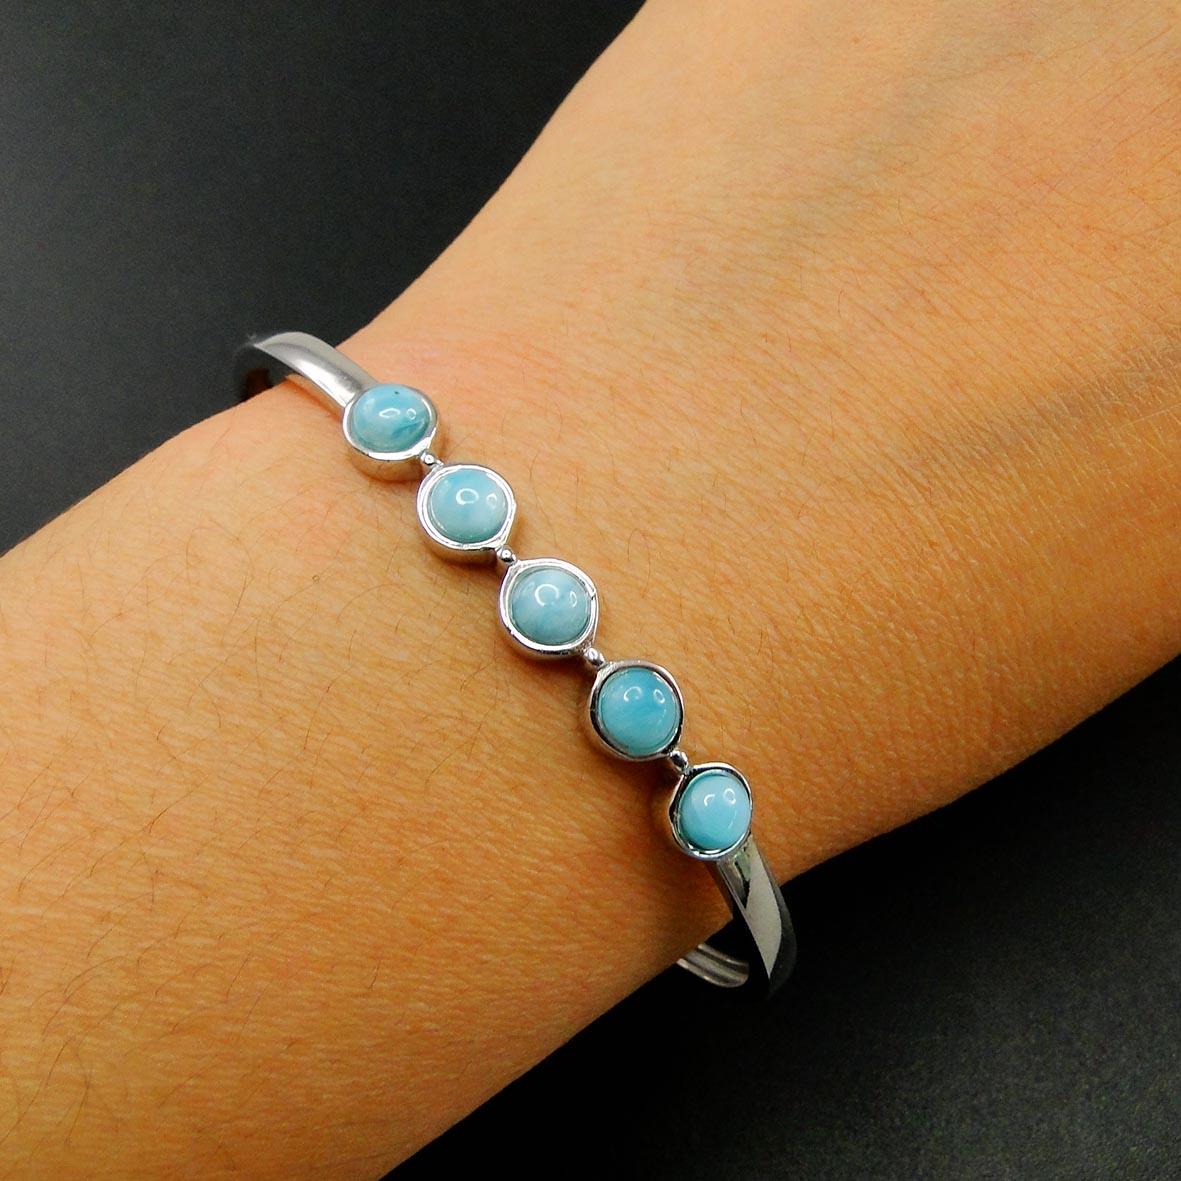 سوار لاريمار من الفضة الإسترليني عيار 100% ، مجوهرات فاخرة عالية الجودة ، هدية للنساء ، 925